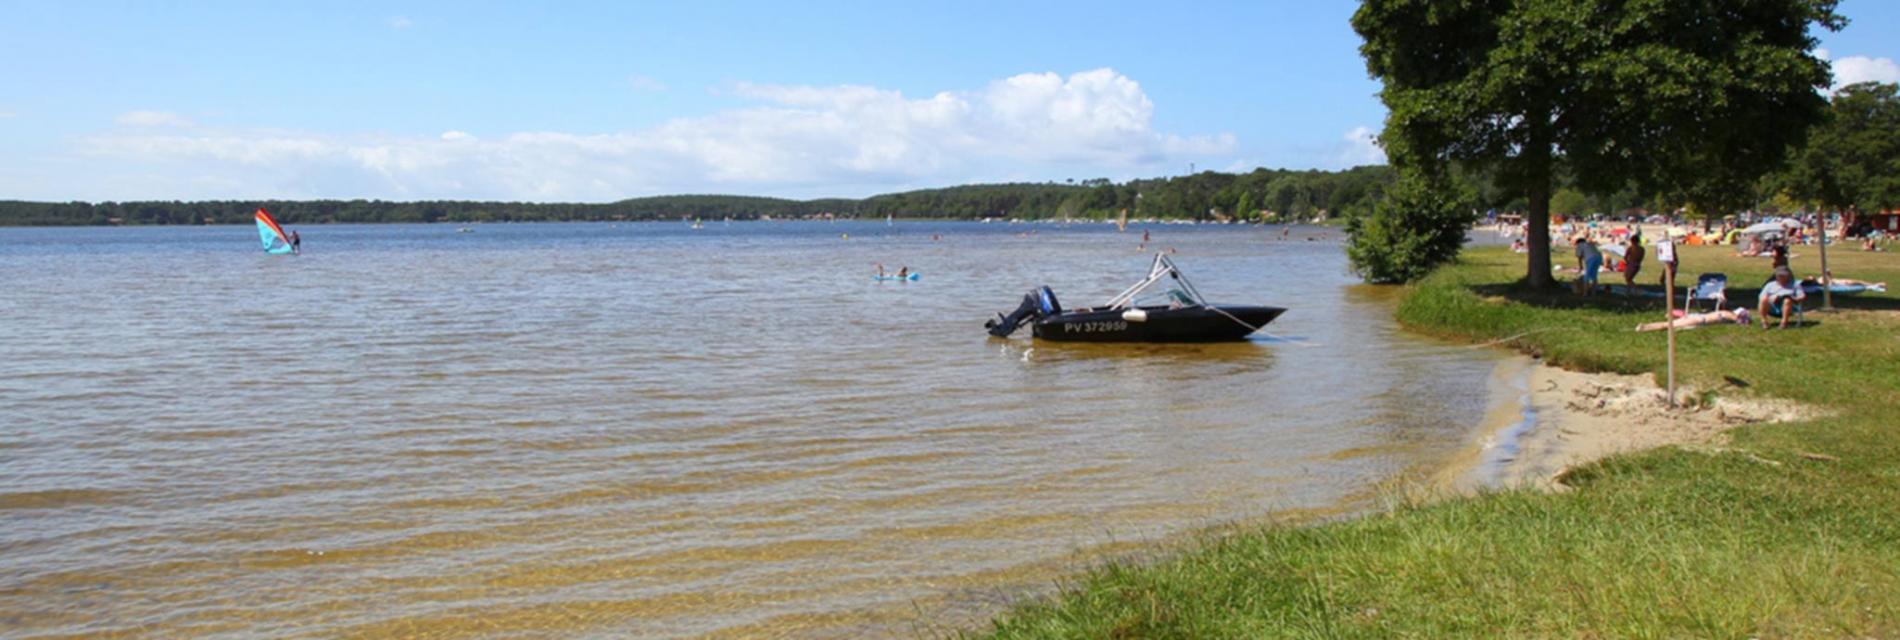 Slide Le lac